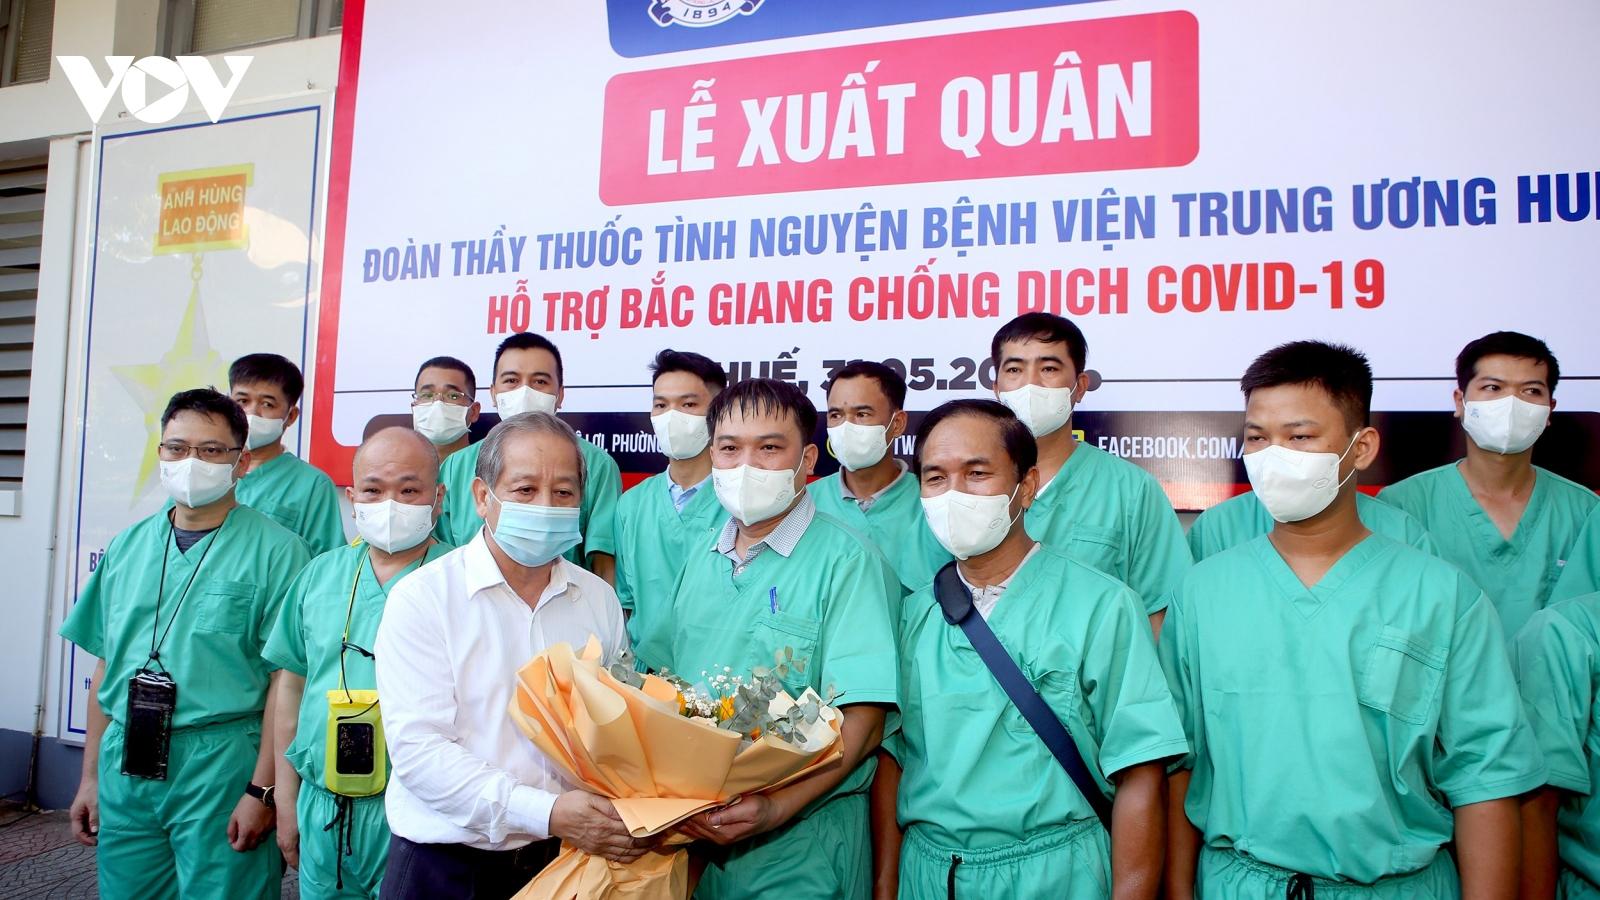 18 bác sĩ, điều dưỡng của Bệnh viện TƯ Huế lên đường chi viện Bắc Giang